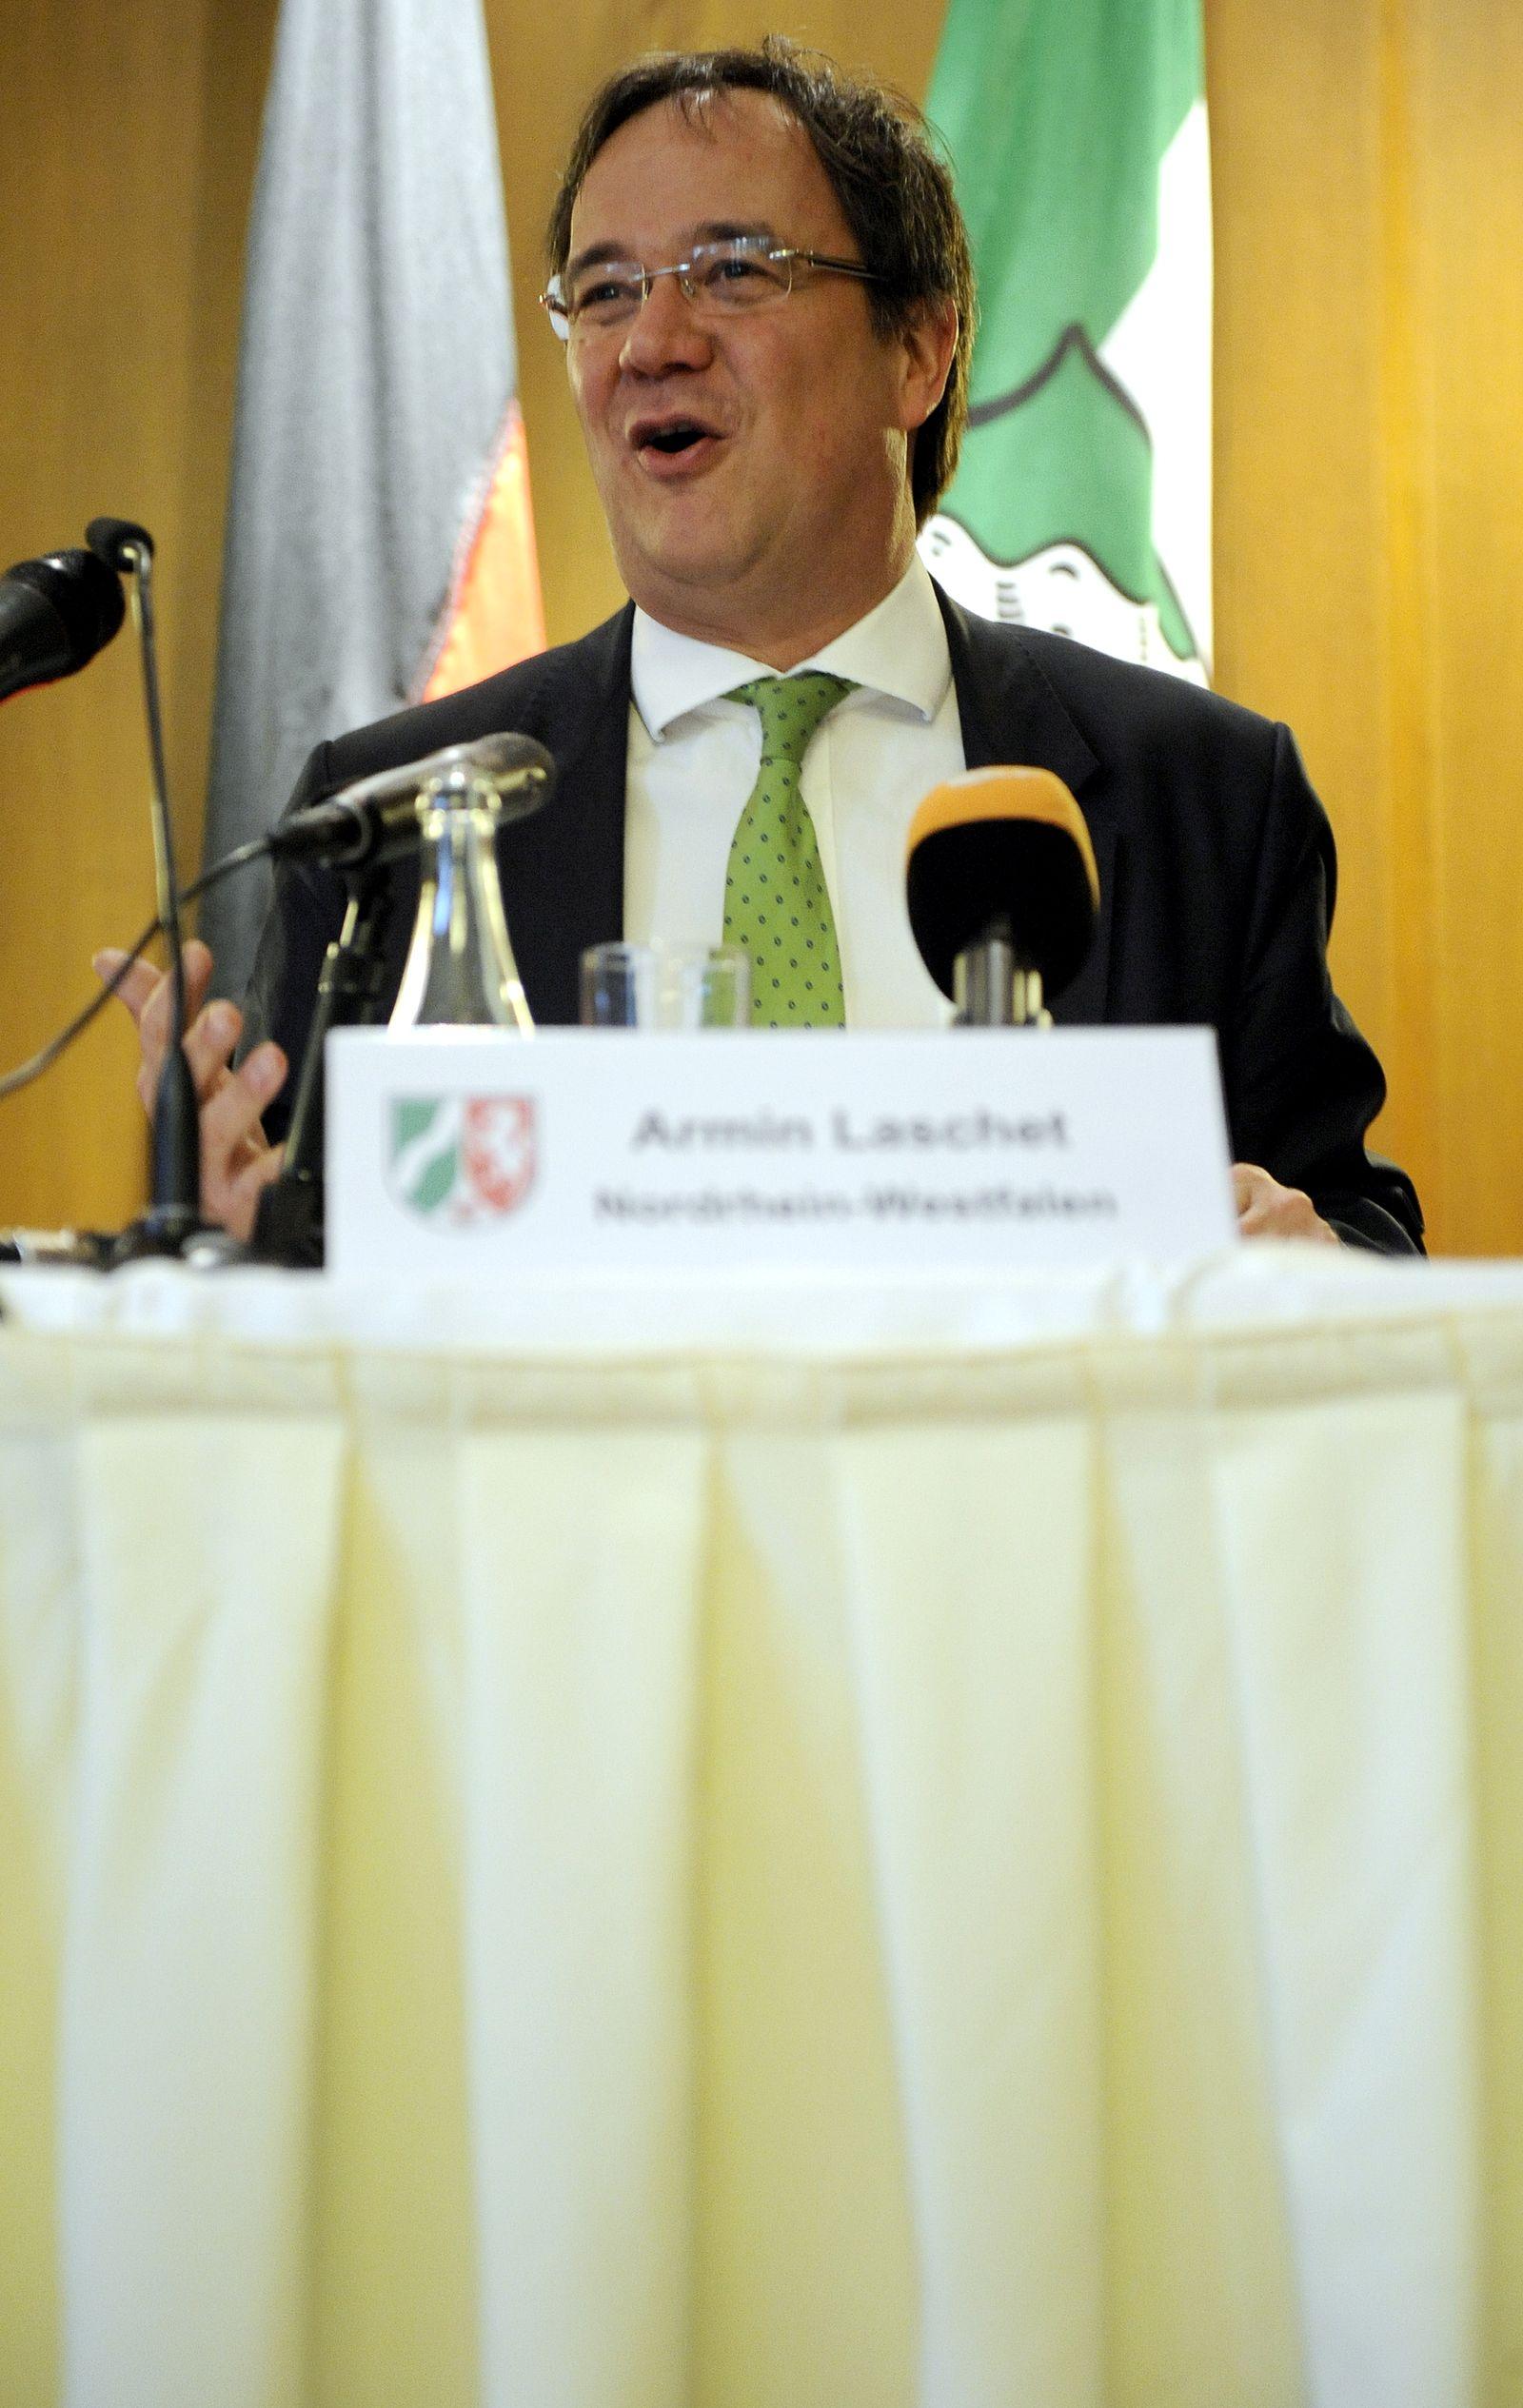 NICHT VERWENDEN Armin Laschet